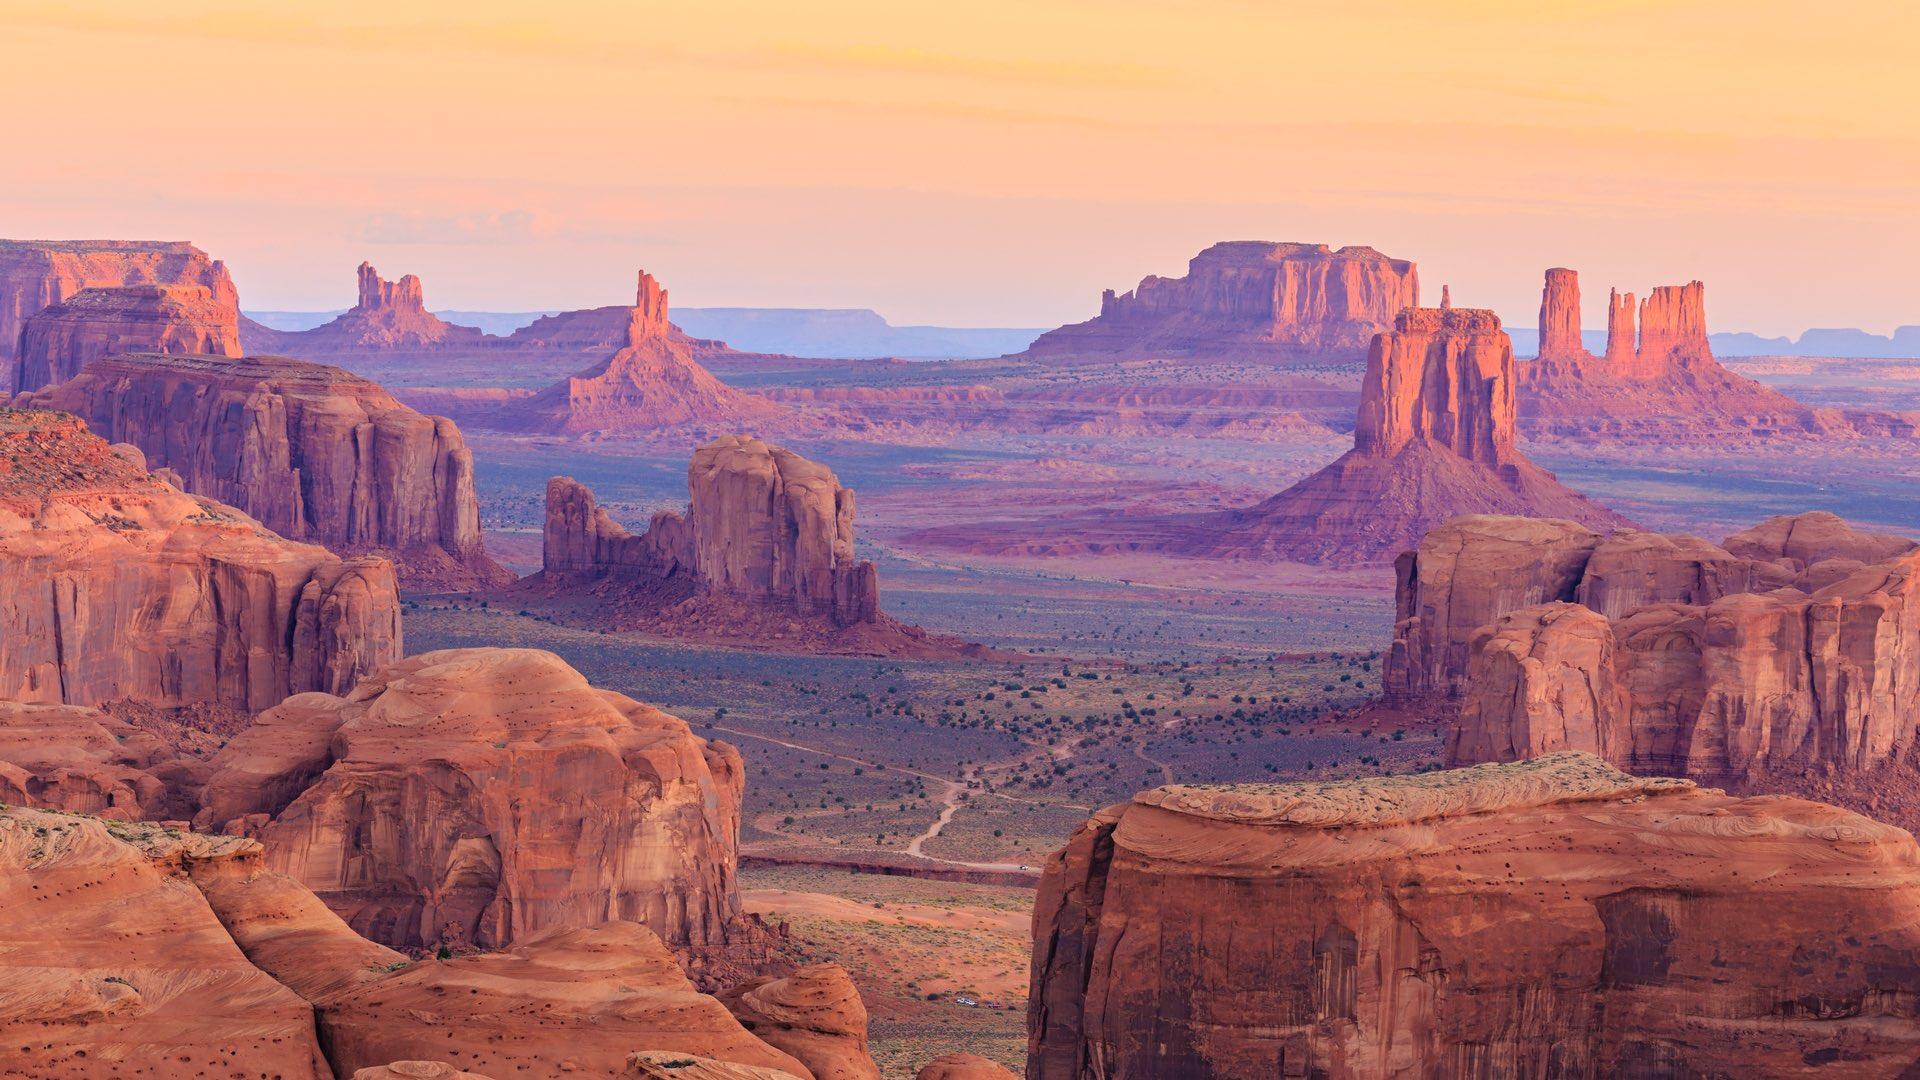 USA | Arizona | ©Elena_Suvorova/Shutterstock.com